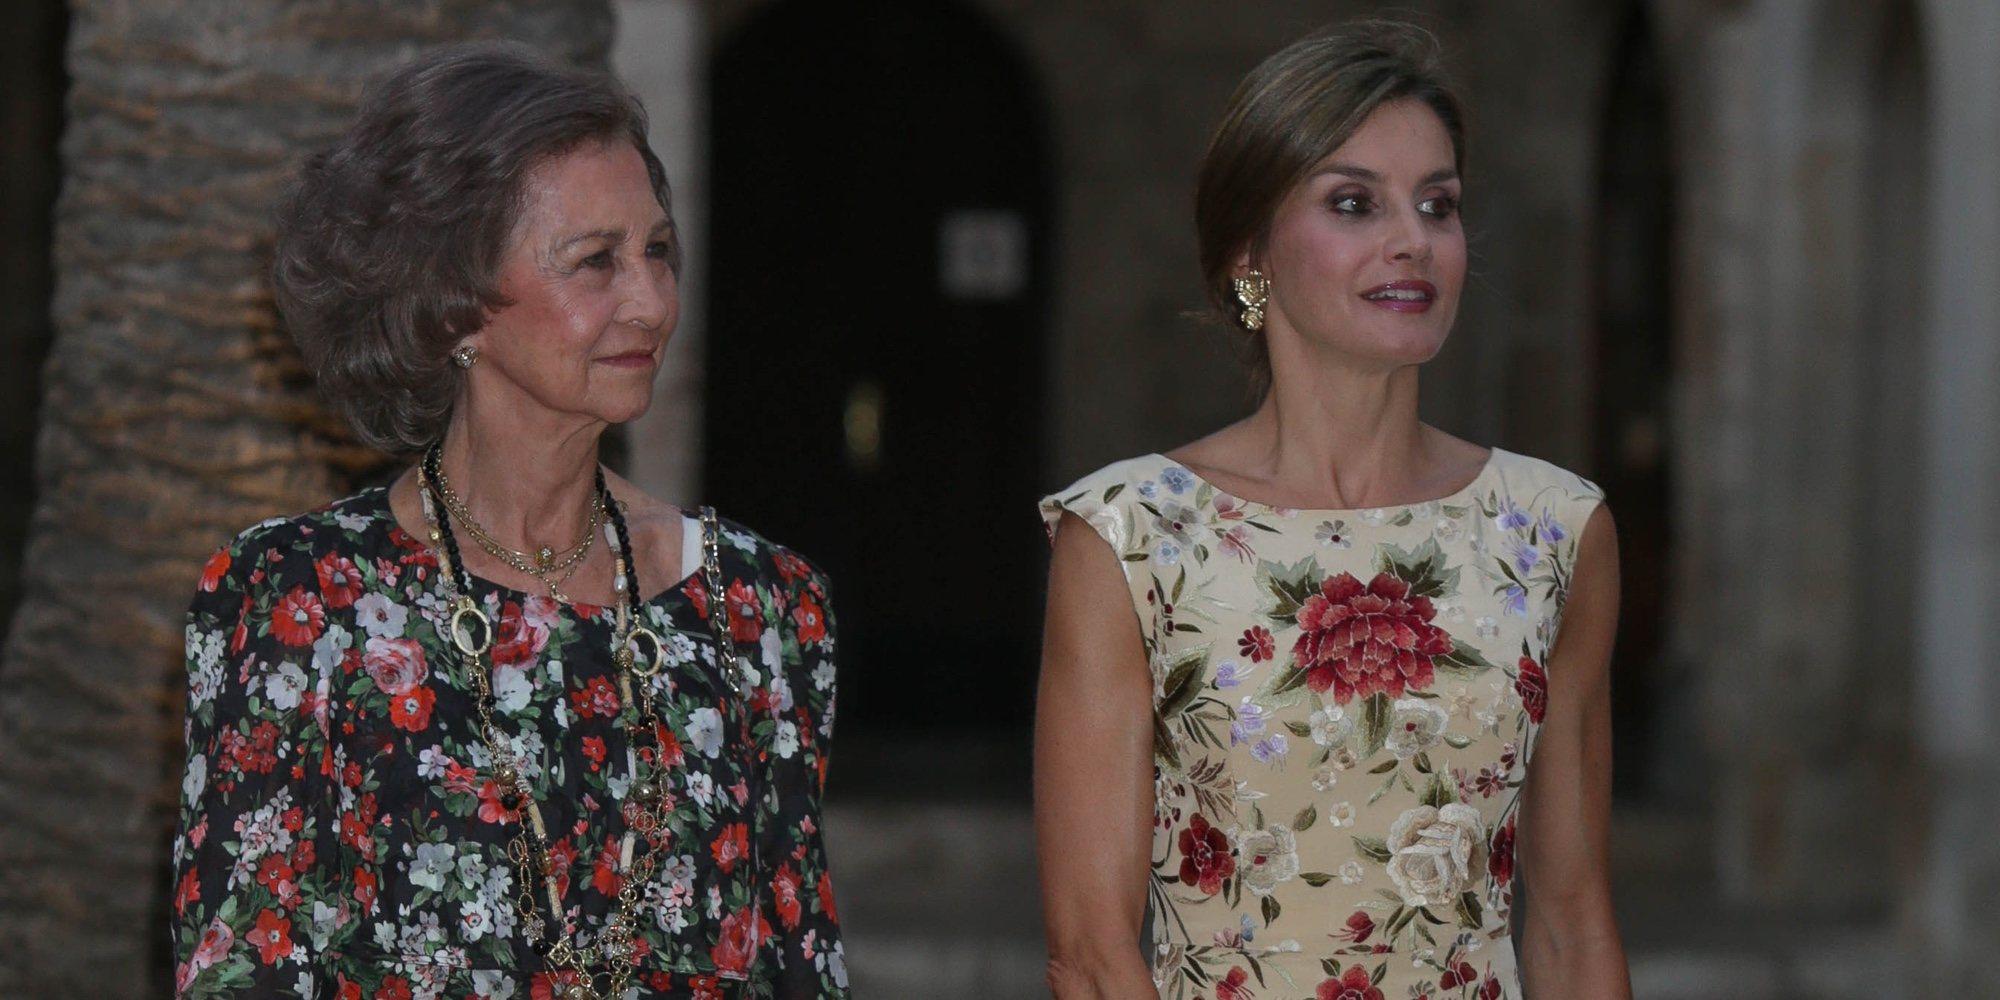 La tensa conversación entre la Reina Letizia y la Reina Sofía que pudo desencadenar el desplante en Palma